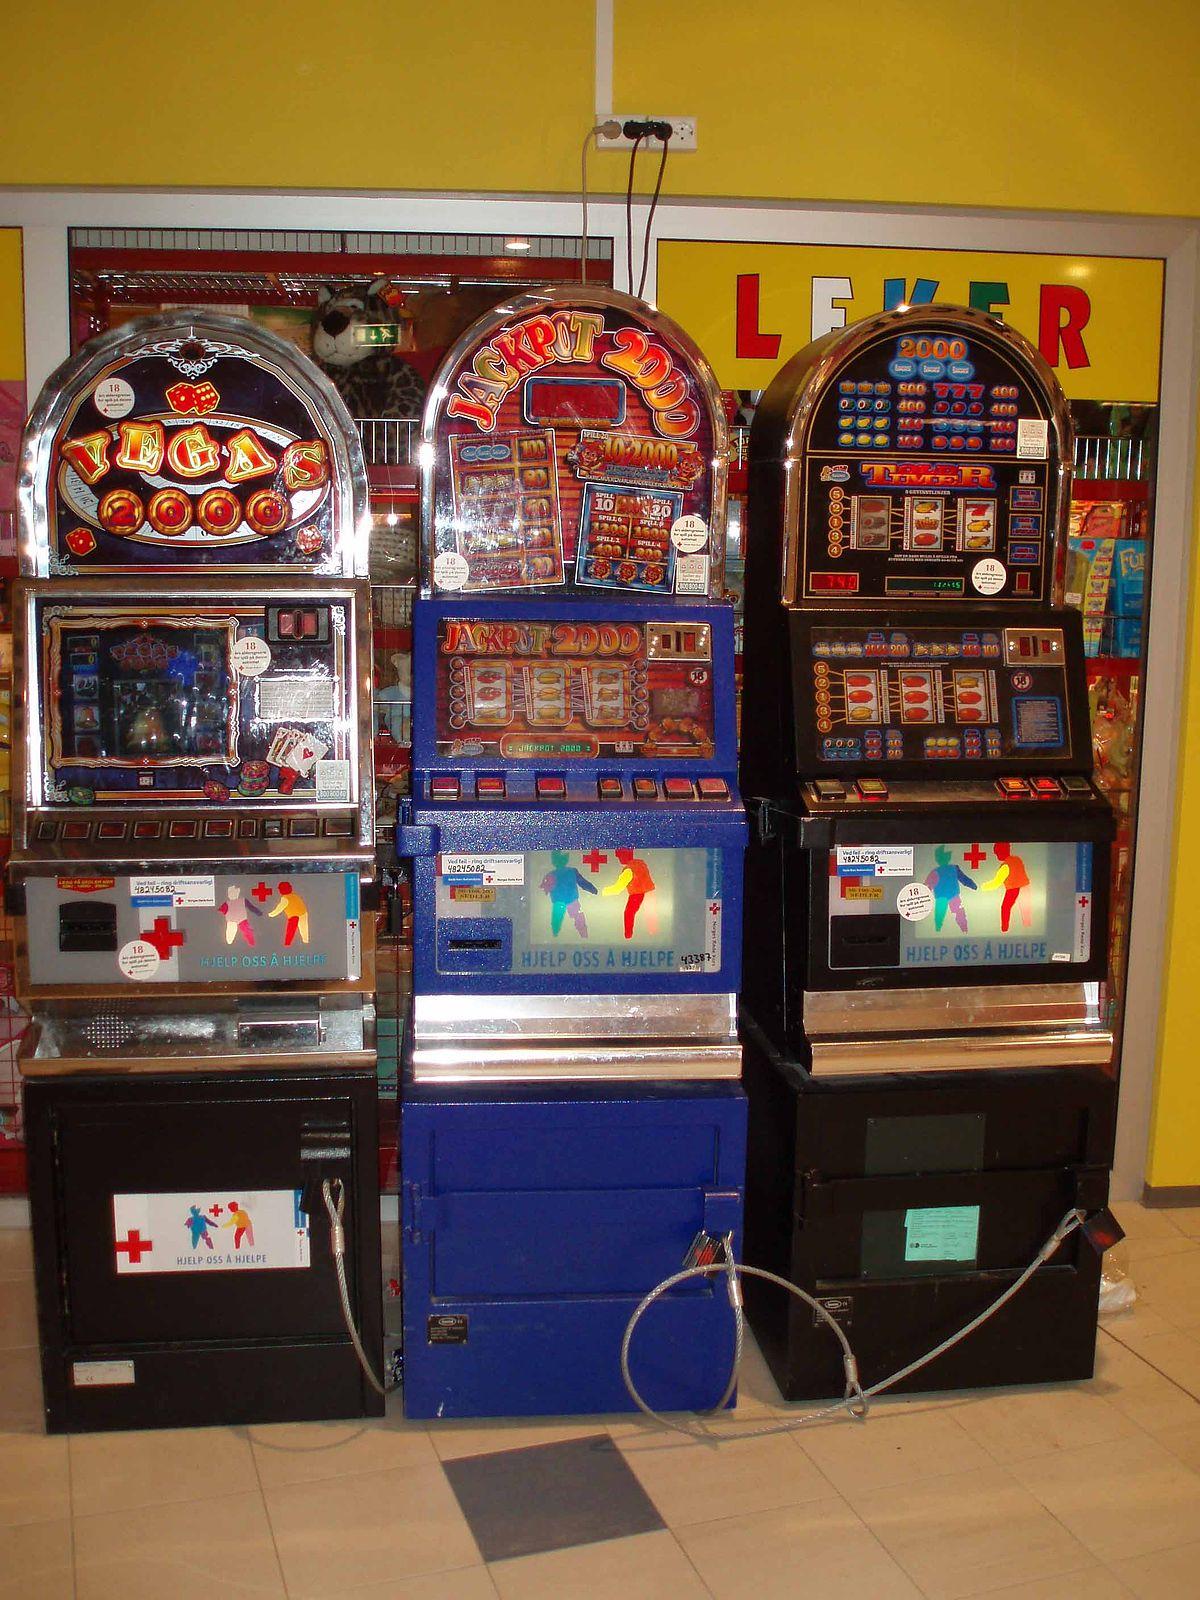 Spilleautomater spil video